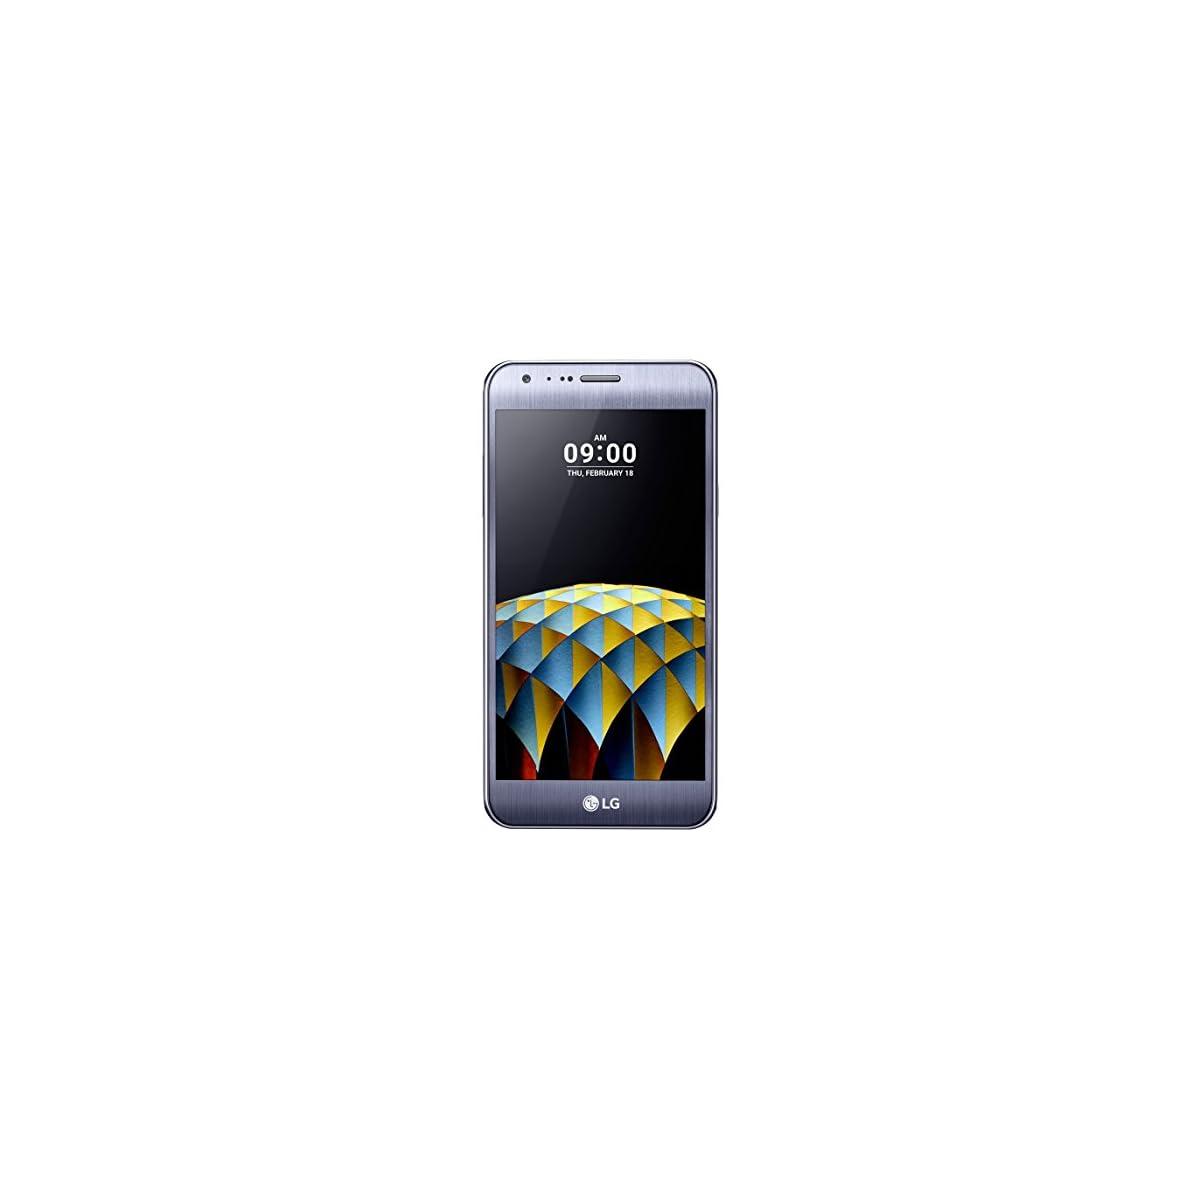 LG X Cam MD 60446 13,20 cm (5,2 Zoll Full HD Display) Smartphone (Octa Core 1,14GHz, 2GB RAM, 16GB Speicher, LTE, NFC, 13MP Frontkamera, Andorid 6, OEM) titan